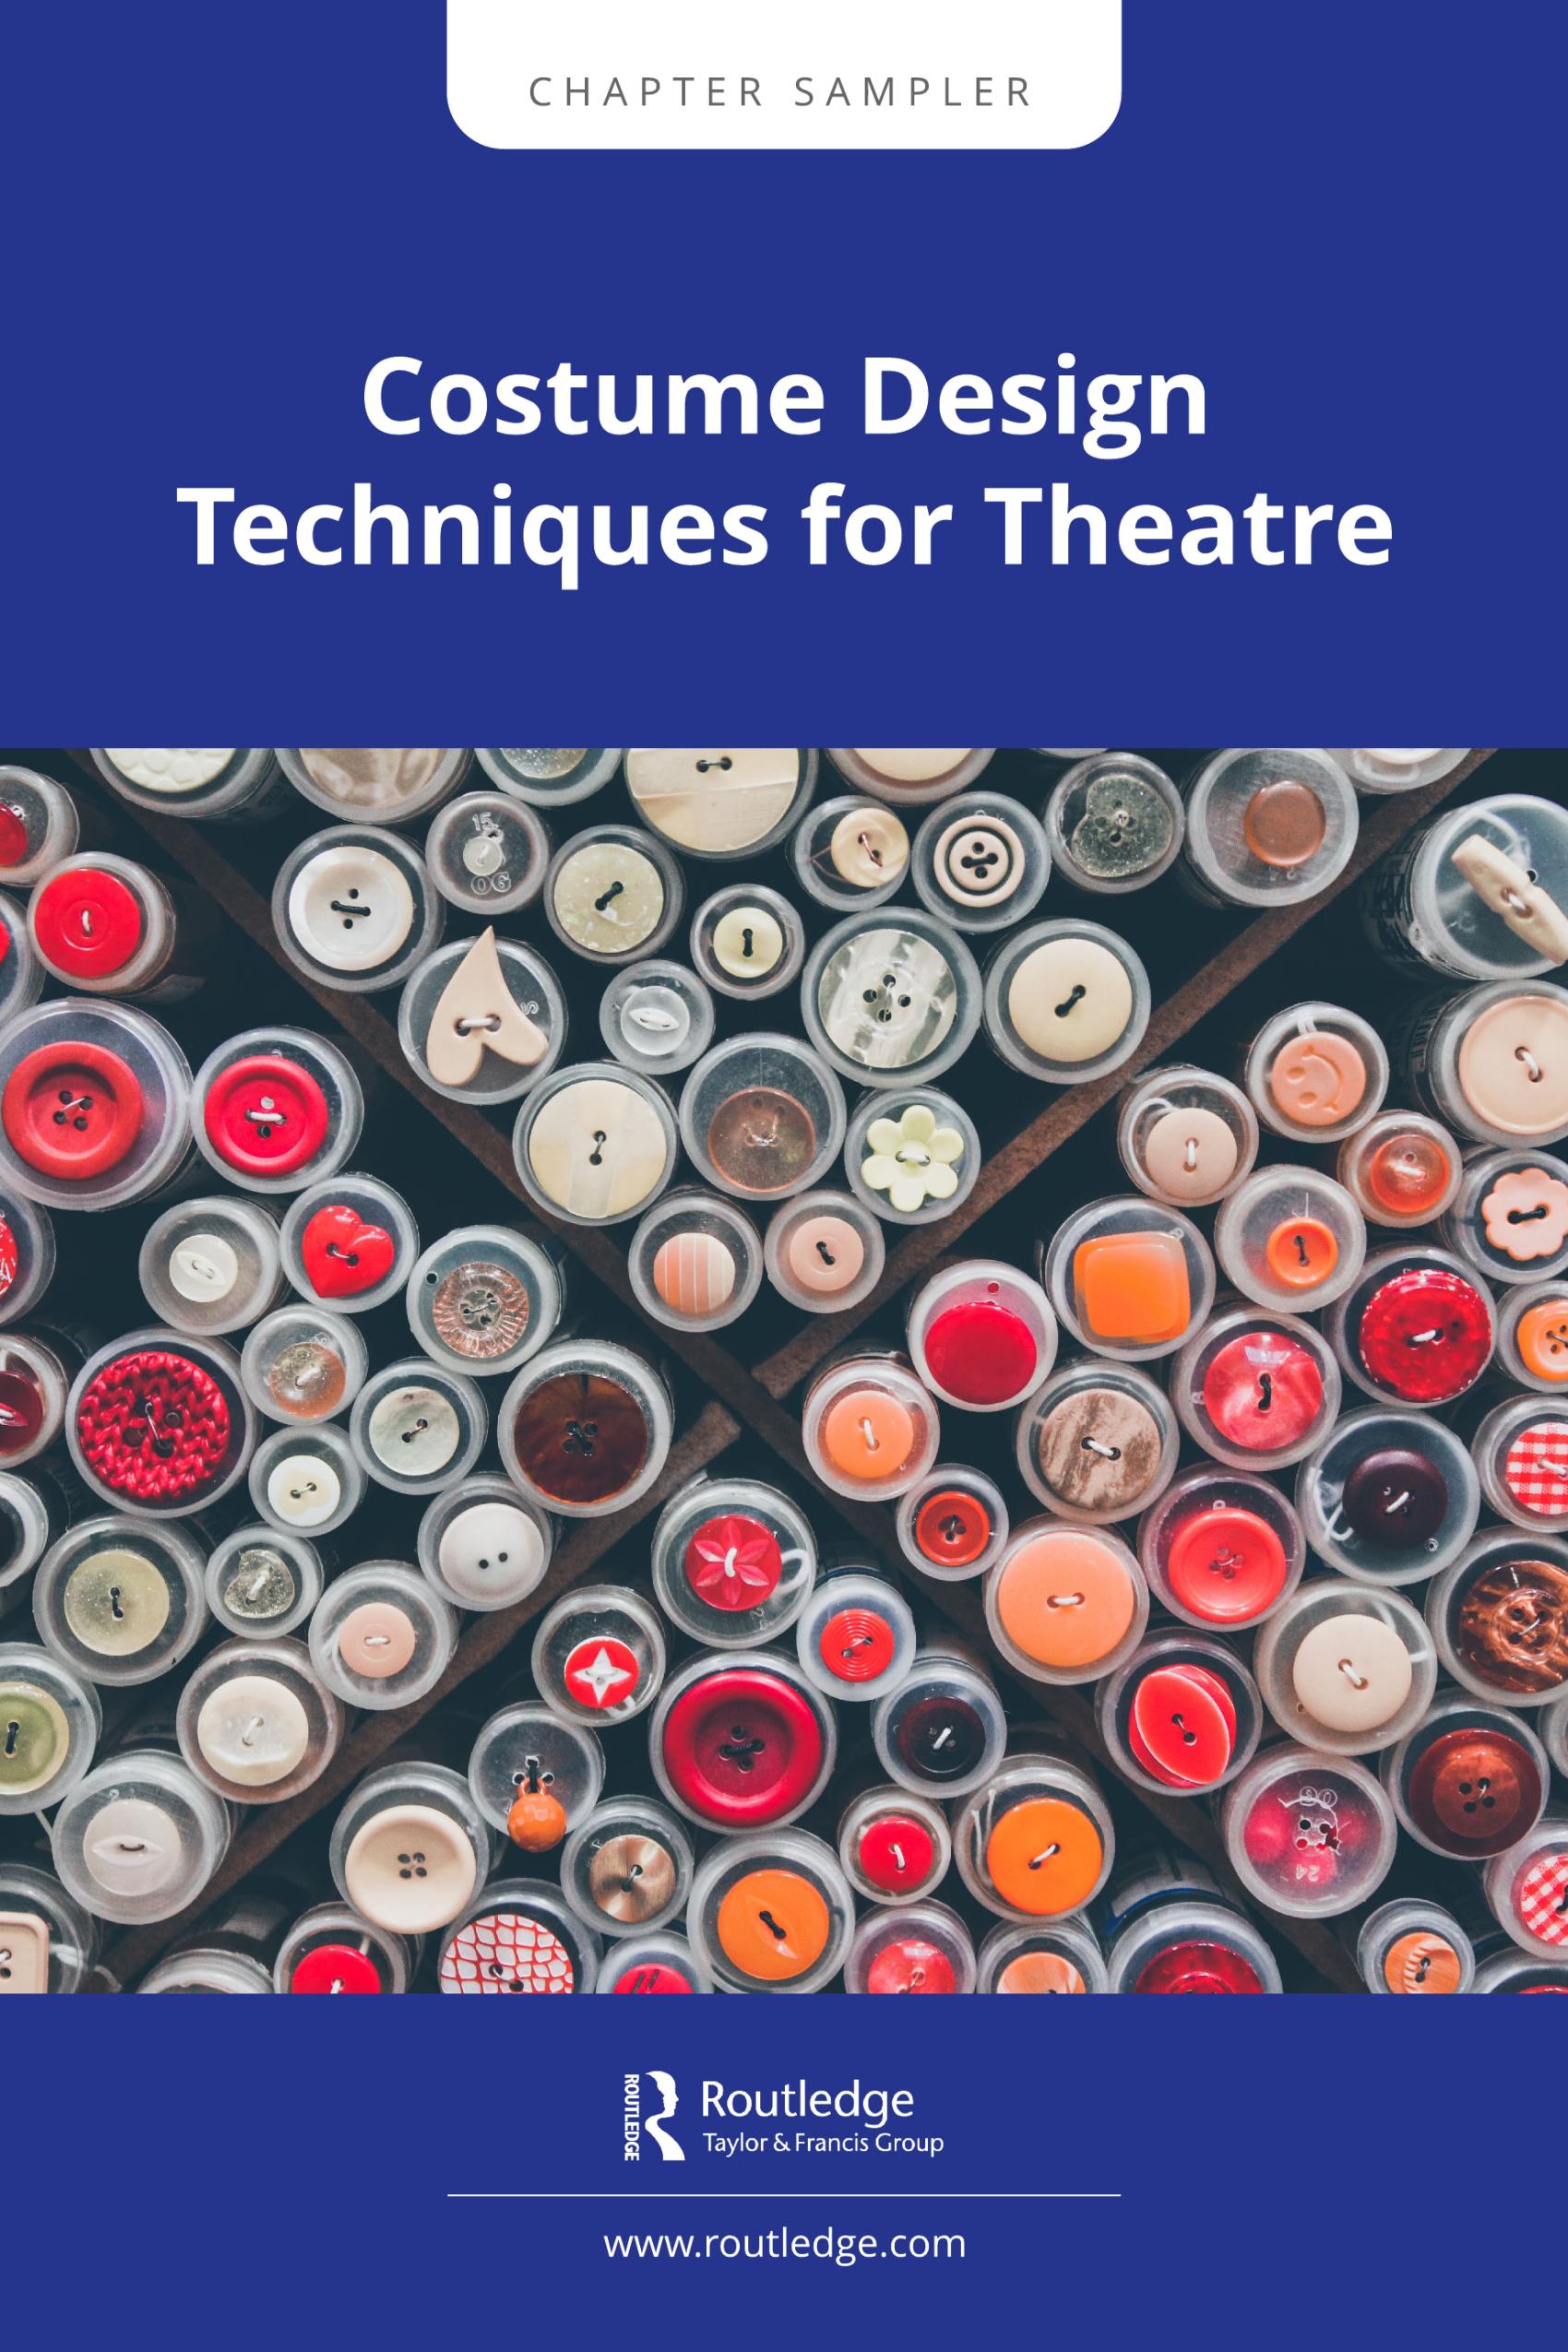 Costume Design Techniques for the Theatre